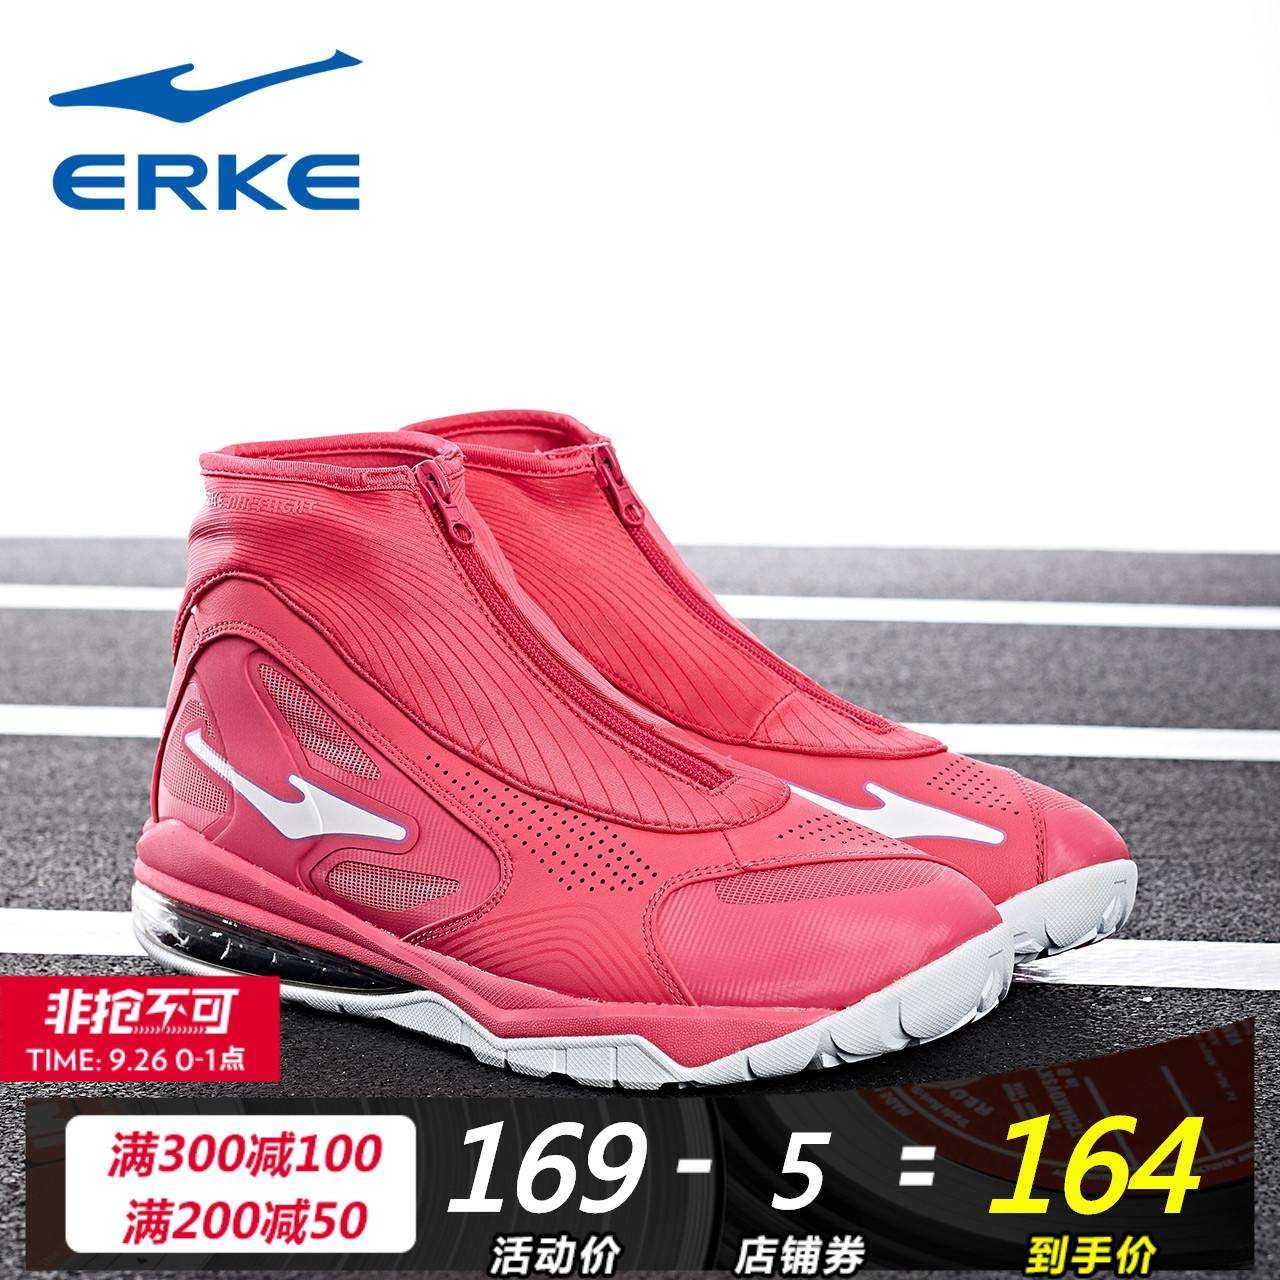 鸿星尔克官方正品男款训练气垫篮球鞋减震战靴篮球运动鞋篮球战靴